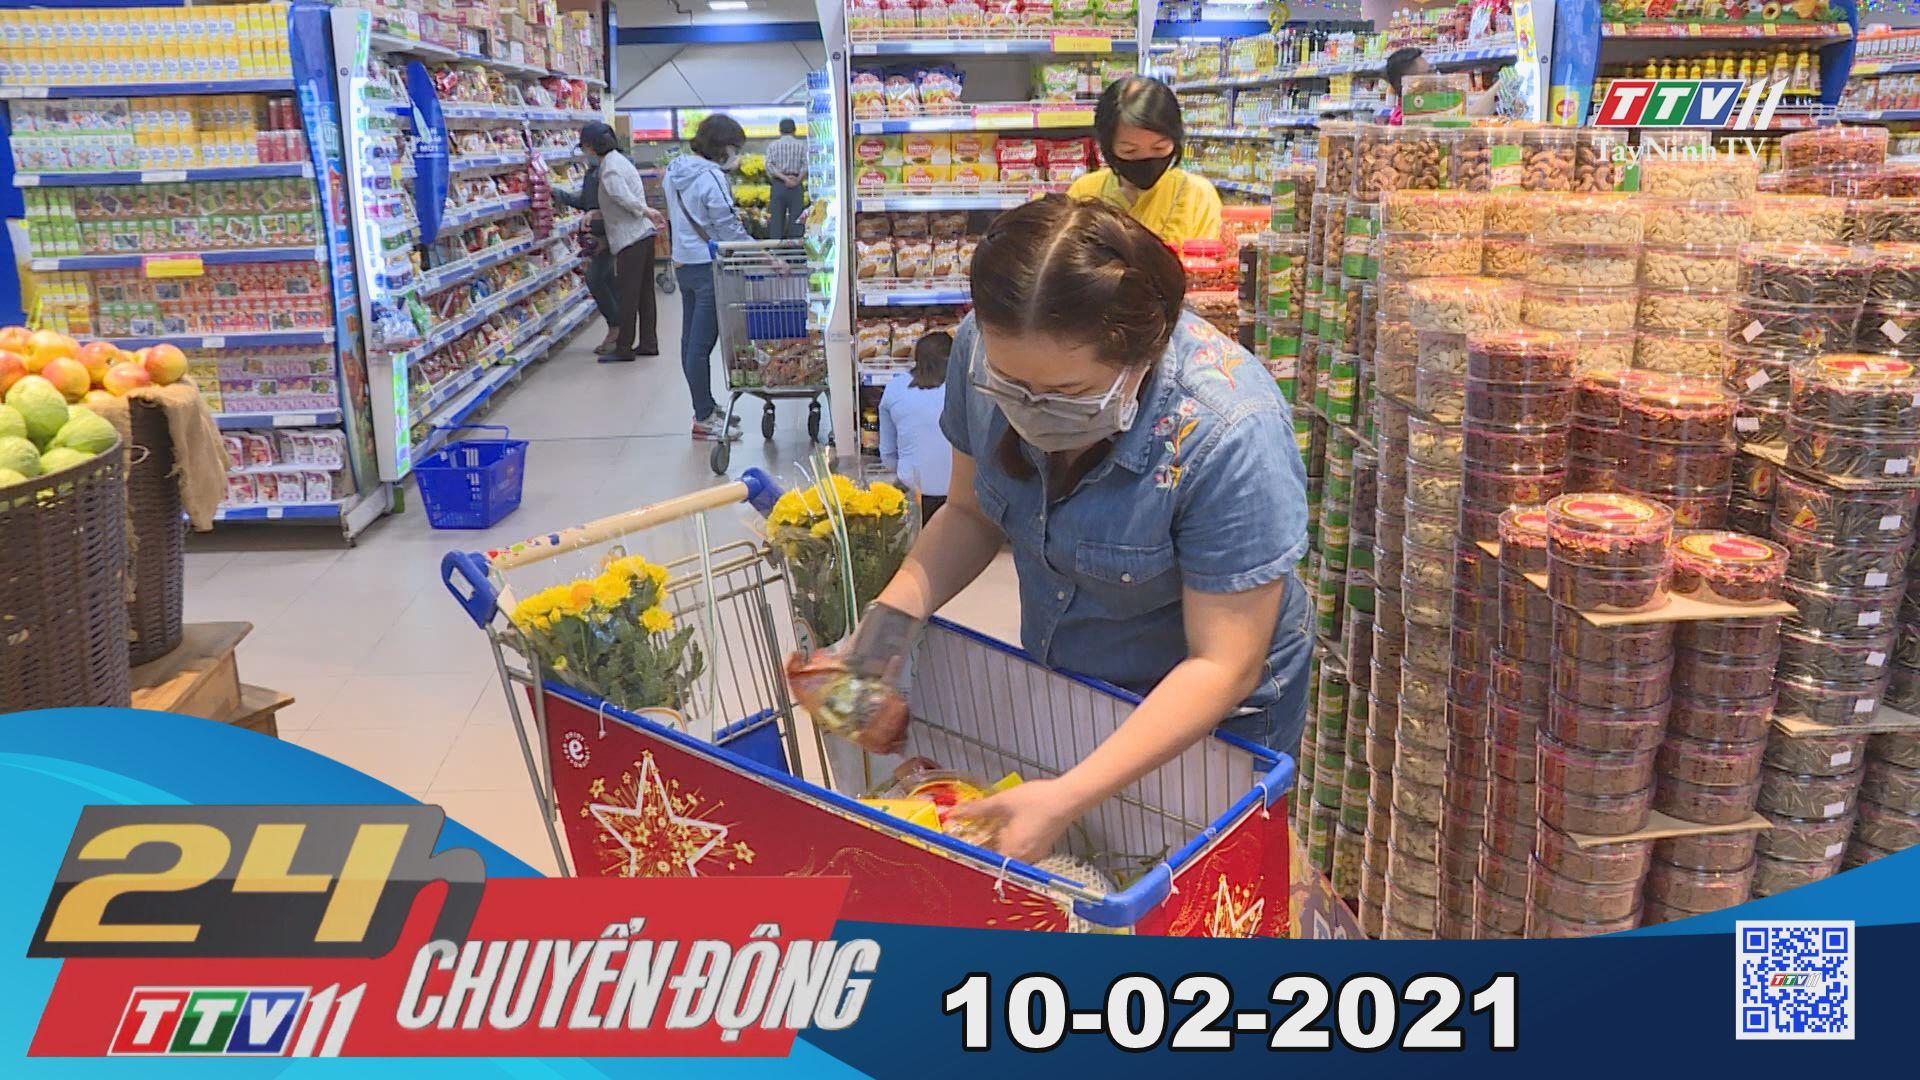 24h Chuyển động 10-02-2021   Tin tức hôm nay   TayNinhTV